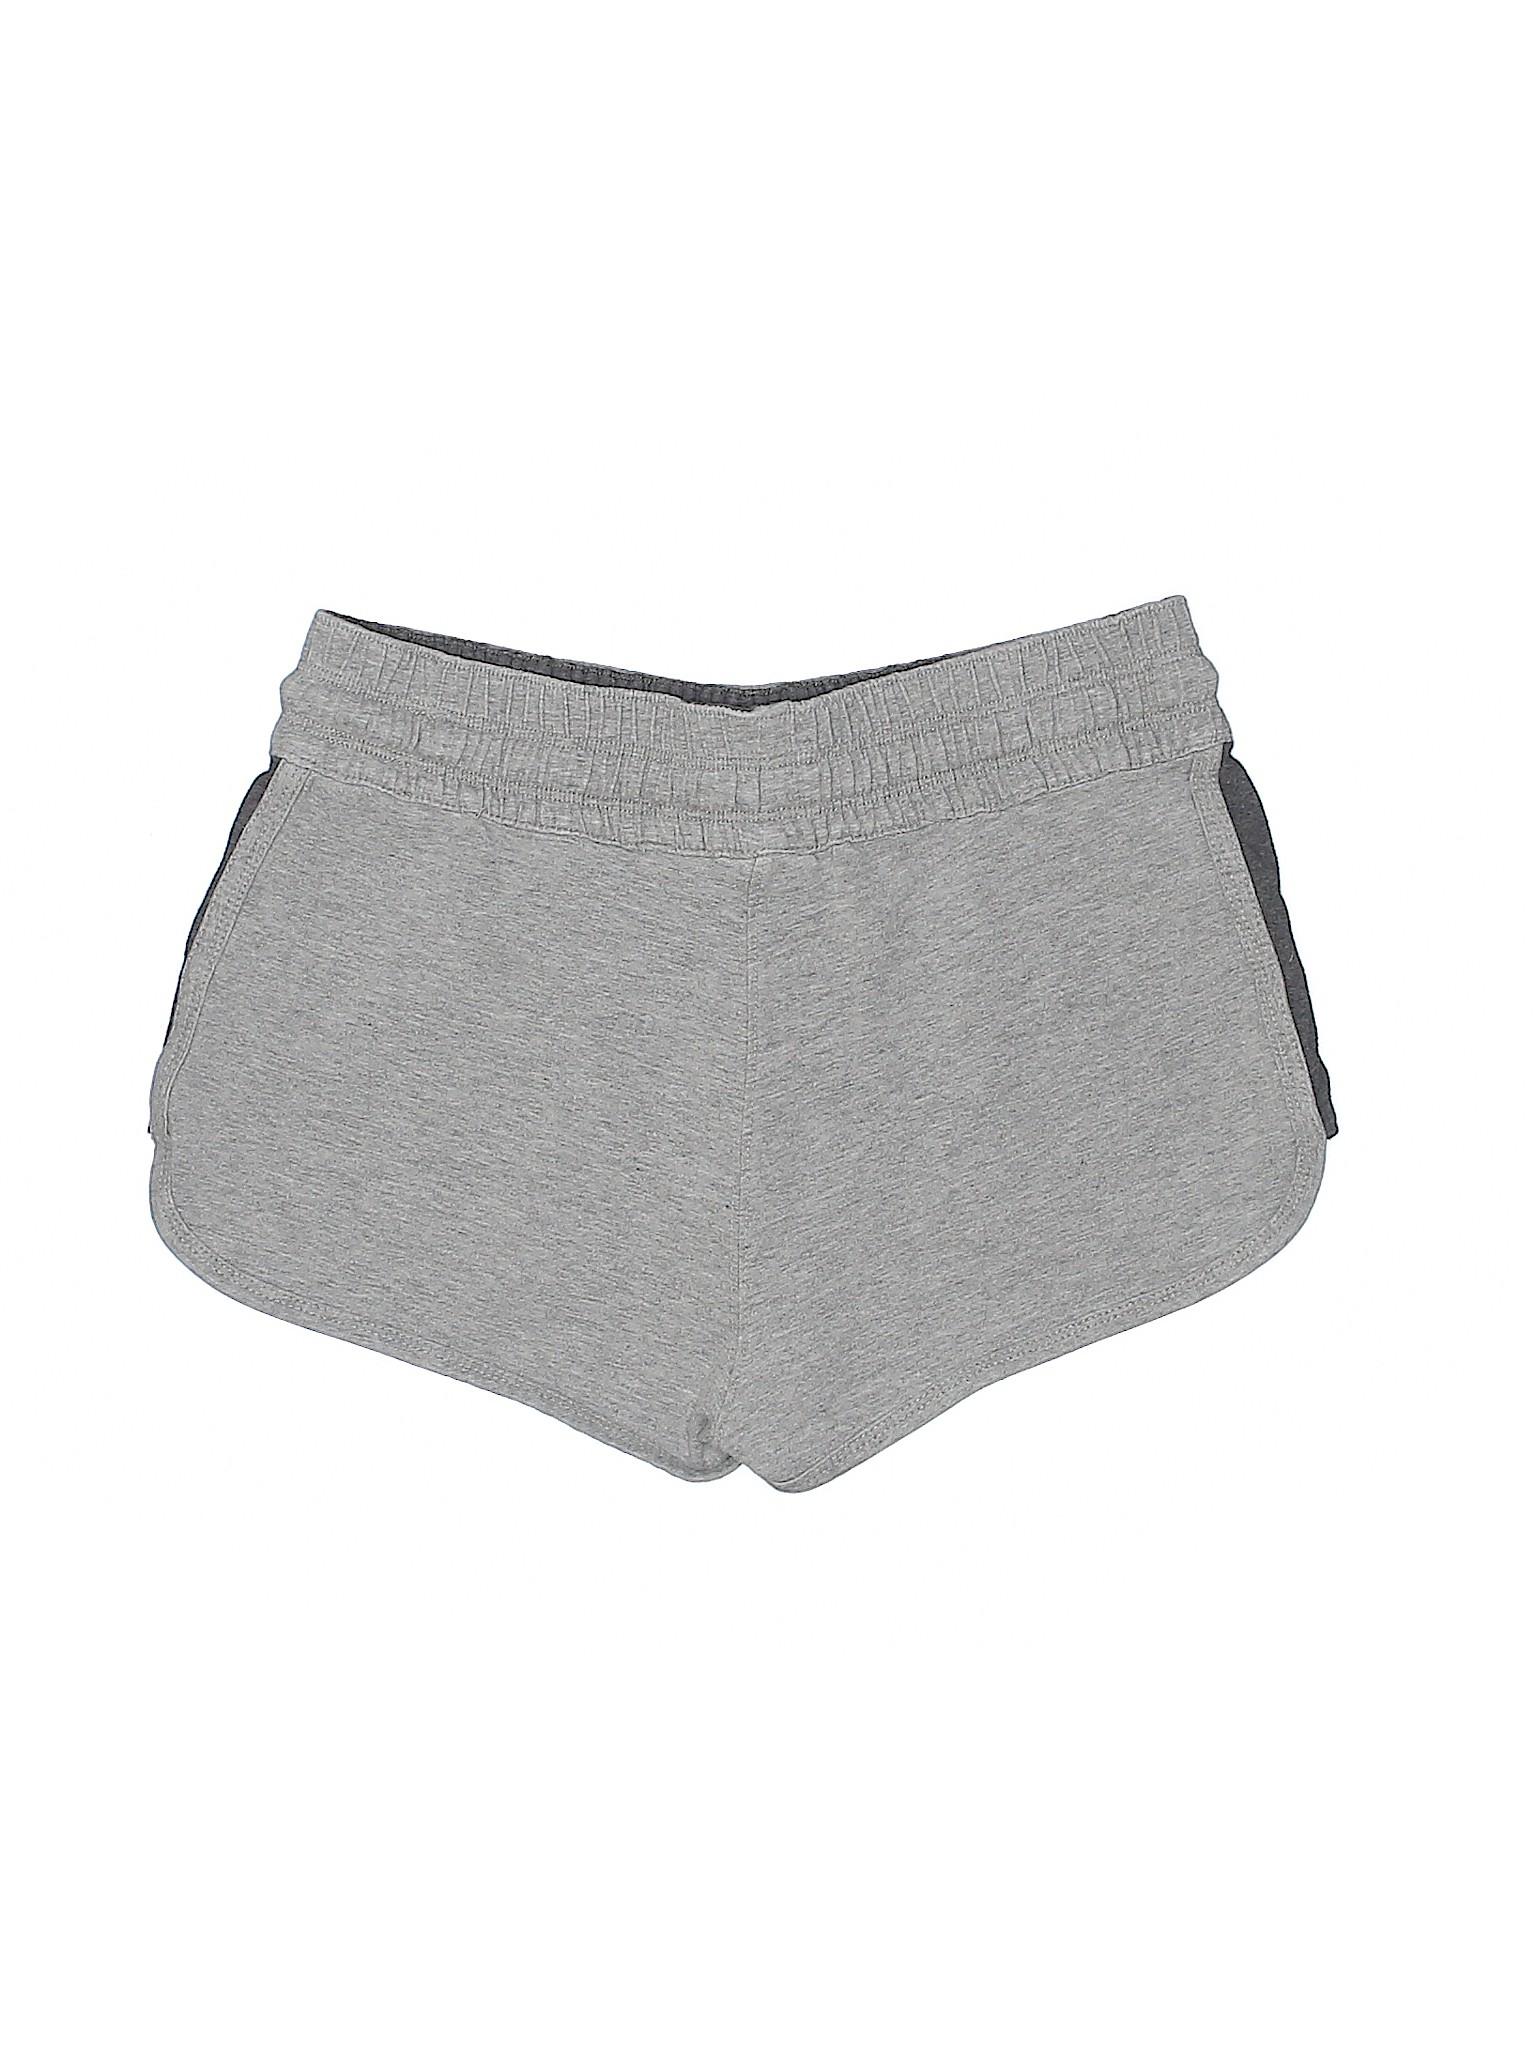 Nike Shorts Nike Shorts Nike Shorts Boutique Boutique Boutique TnqPY